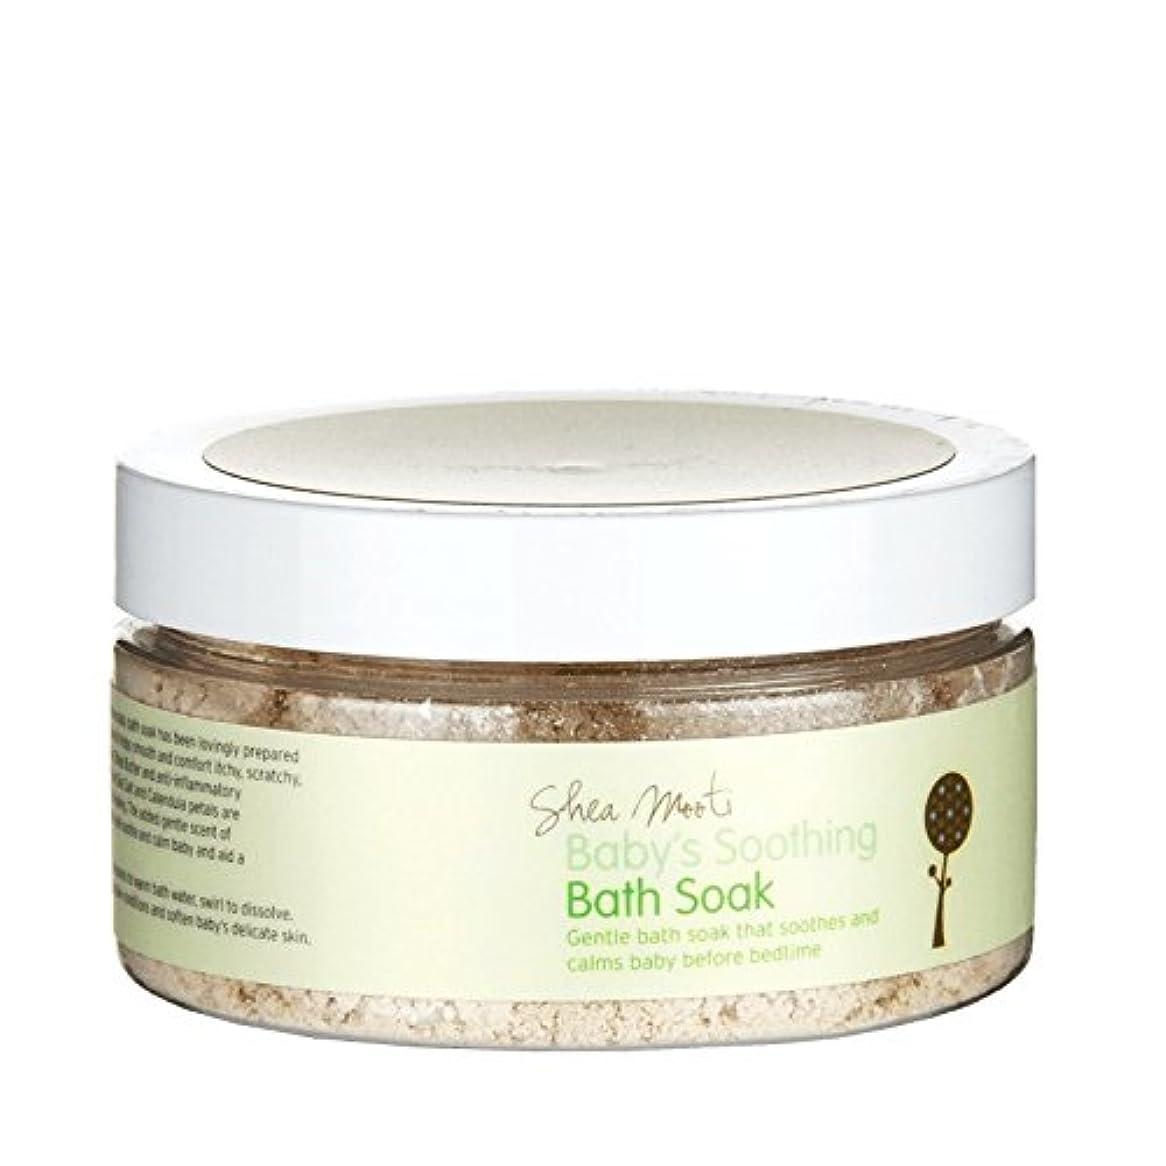 民兵のりカードShea Mooti Baby's Soothing Bath Soak 130g (Pack of 2) - シアバターMooti赤ちゃんの癒しのお風呂は、130グラムを浸し (x2) [並行輸入品]